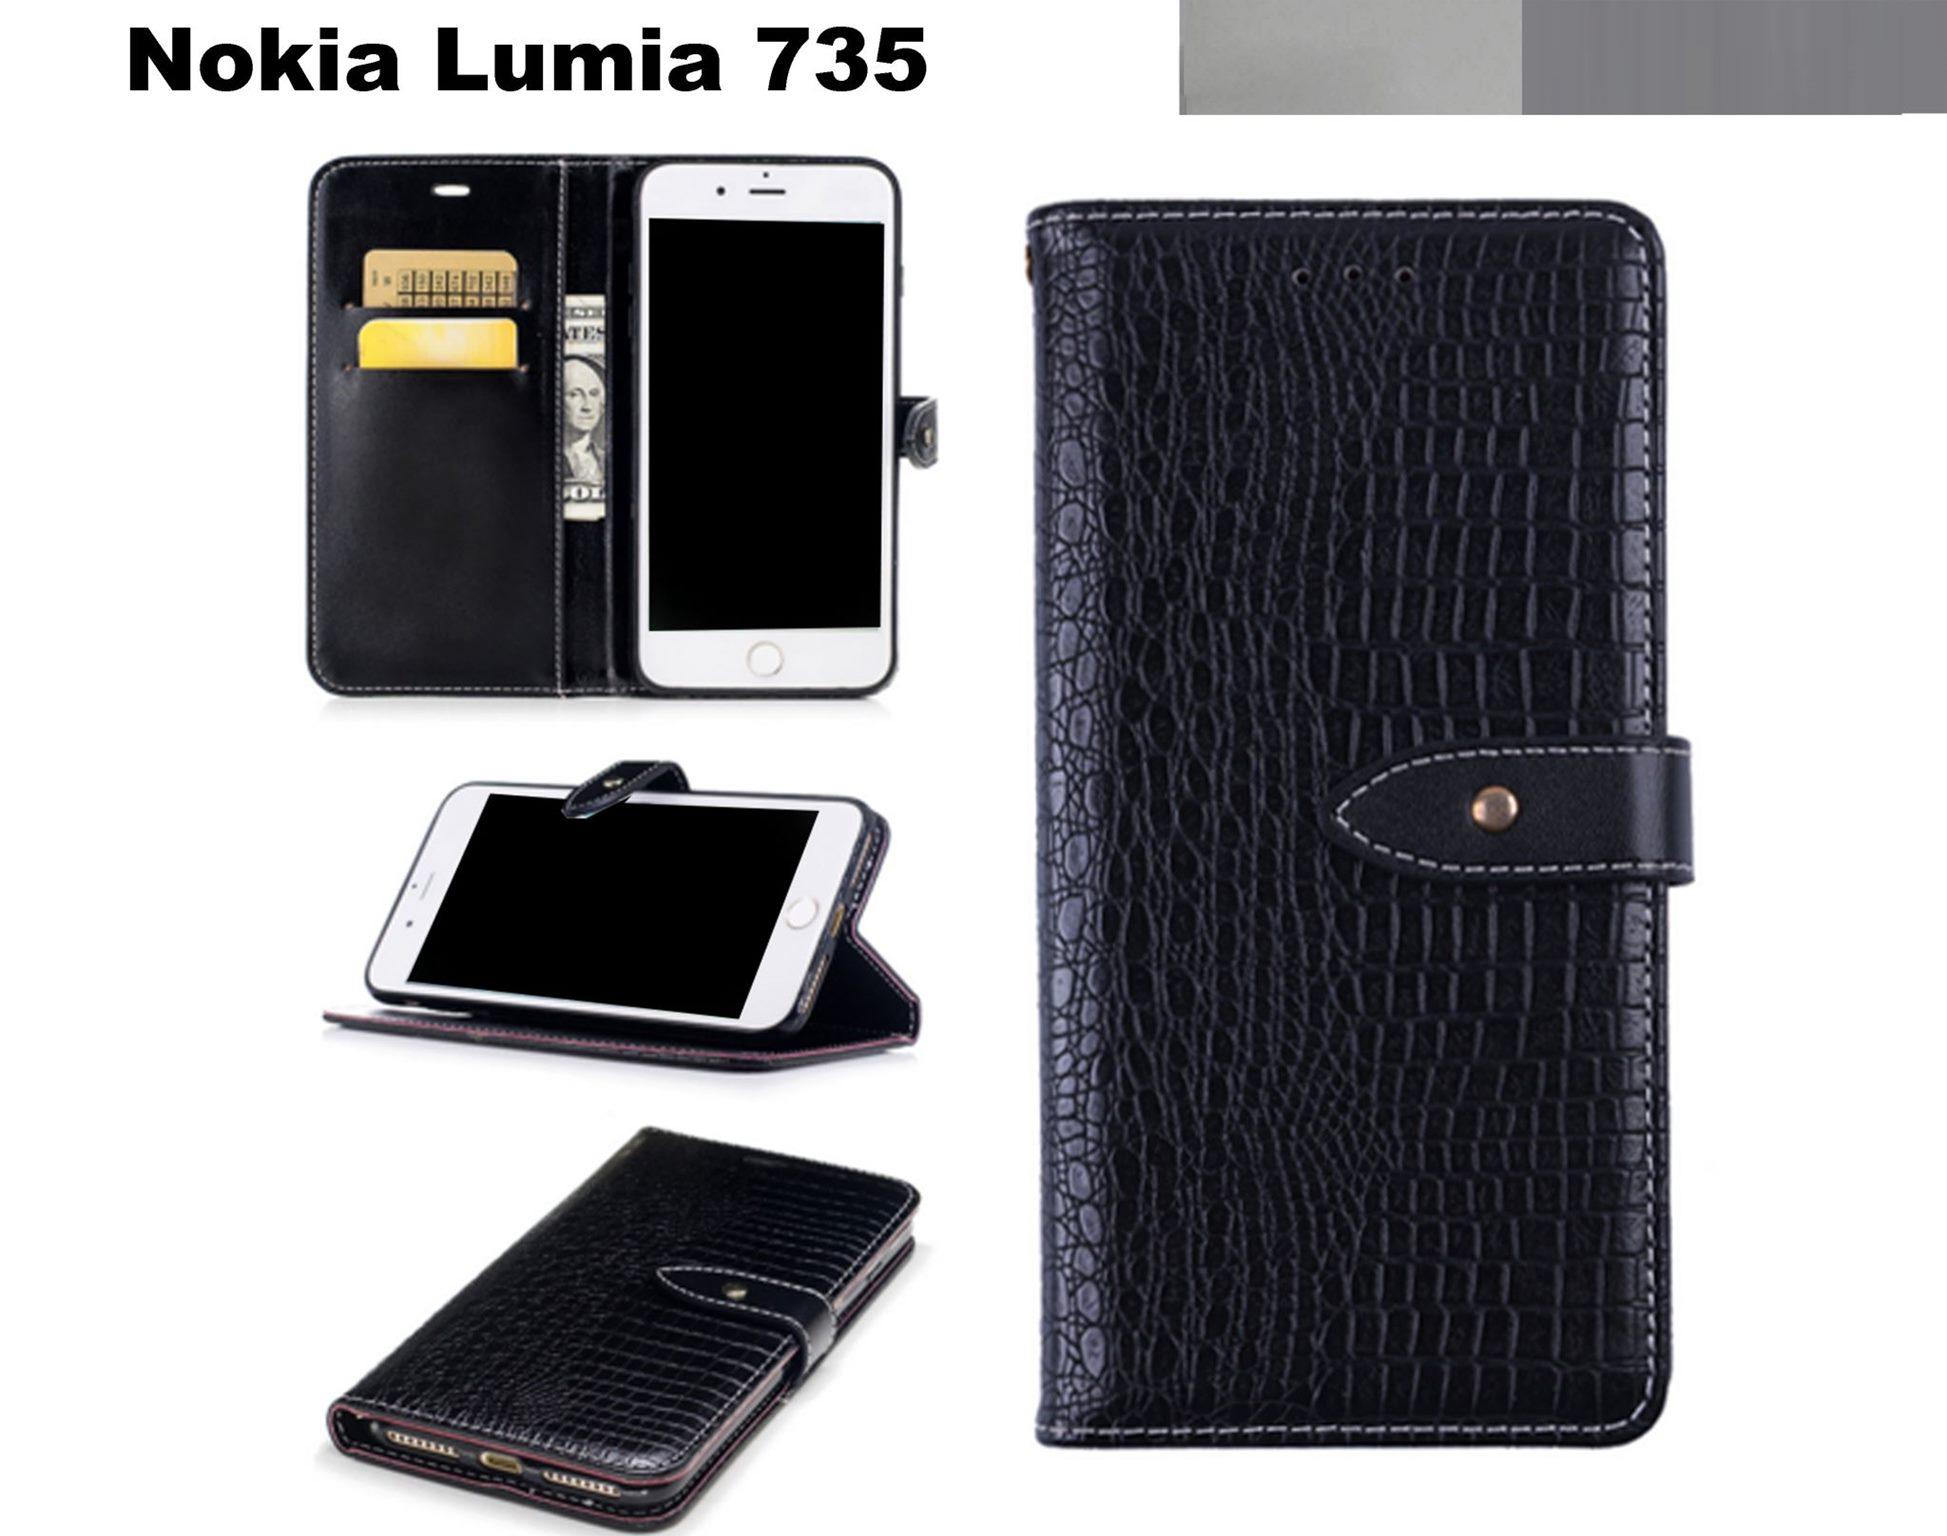 online store 8af62 dec0d Nokia Lumia 735 croco pattern leahter wallet case slim black